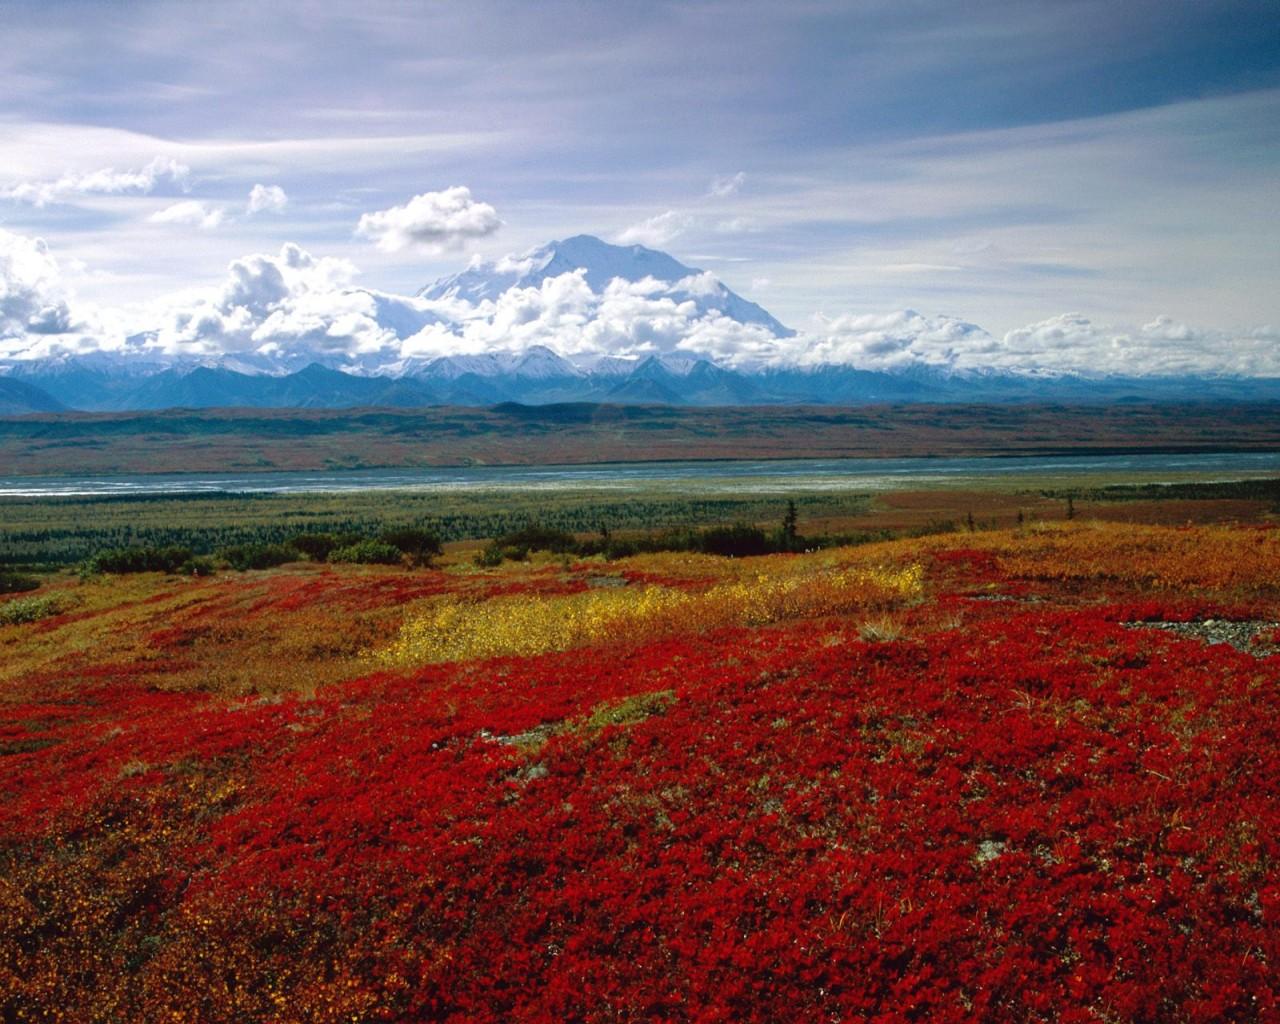 Windows 10 Wallpaper Hd 3d For Desktop Brilliant Colors Of Denali National Park Alaska